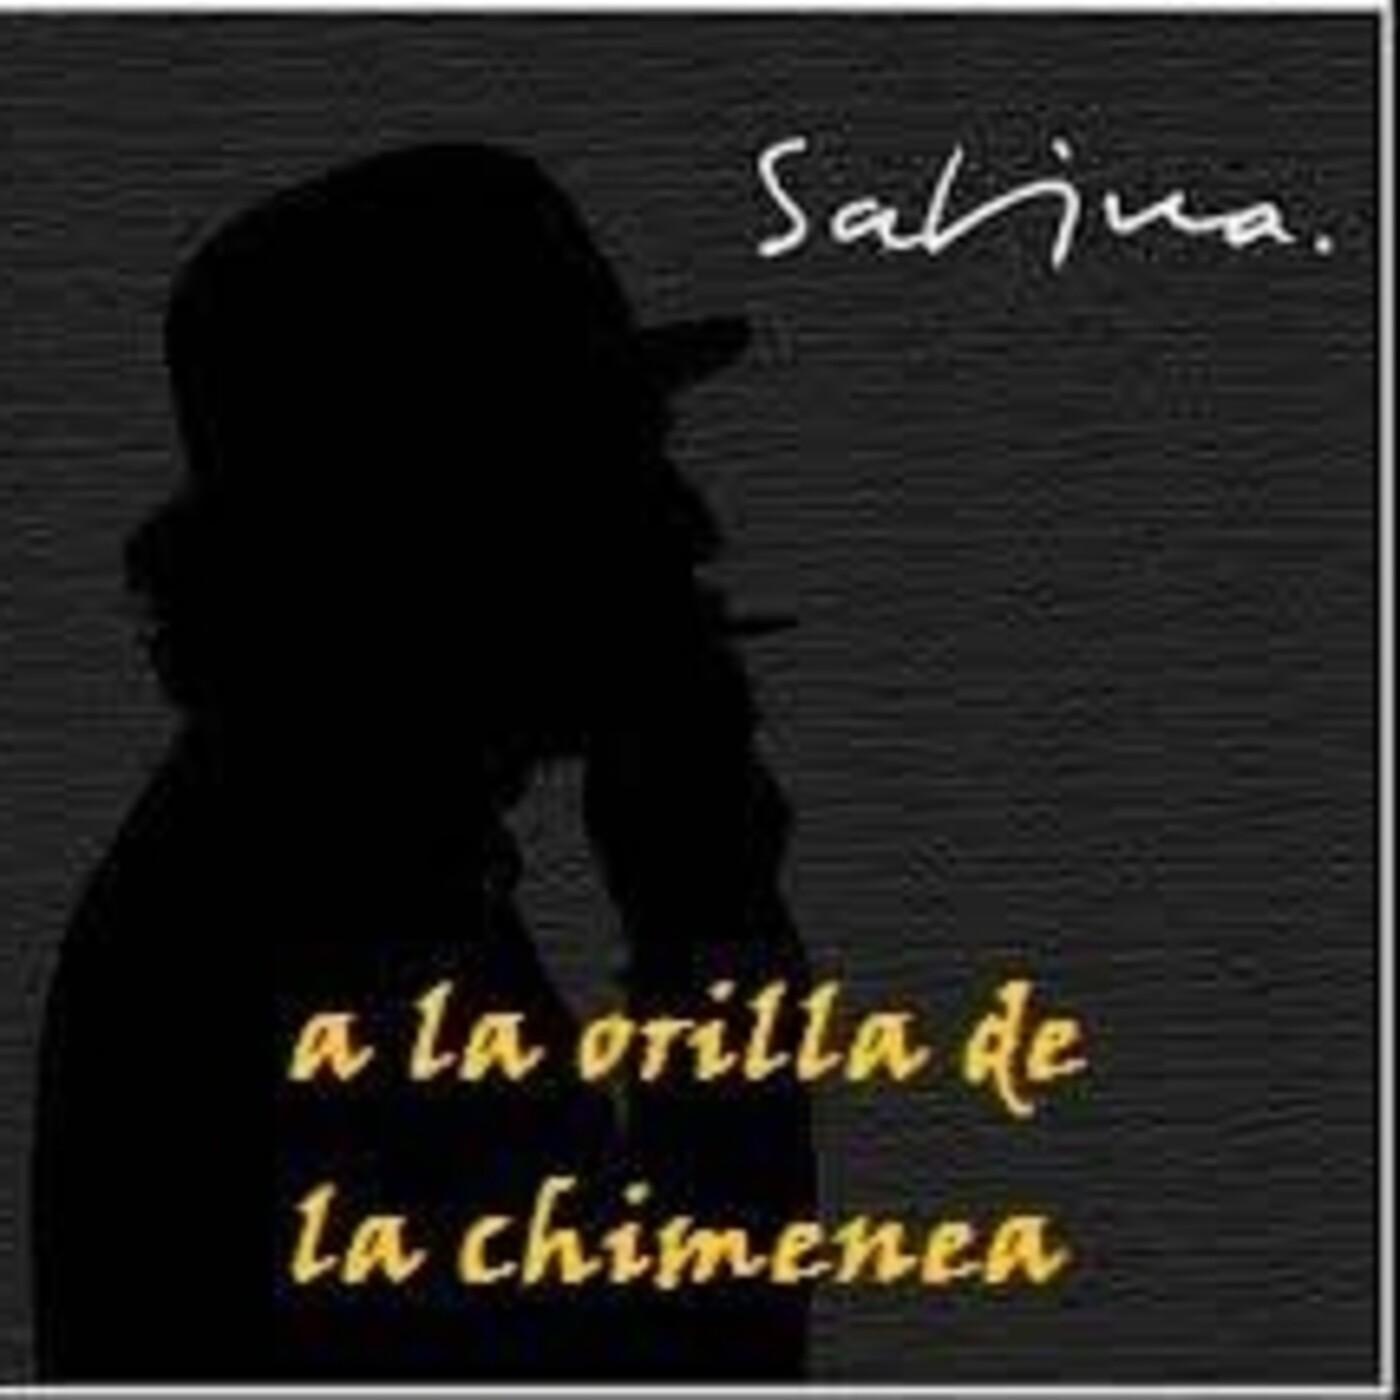 A La Orilla De La Chimenea De Joaquín Sabina Cover Segunda Voz De Pennylanebcn Sin Los Demás Nadie Sería Nada Pennylanebcn Himalaya